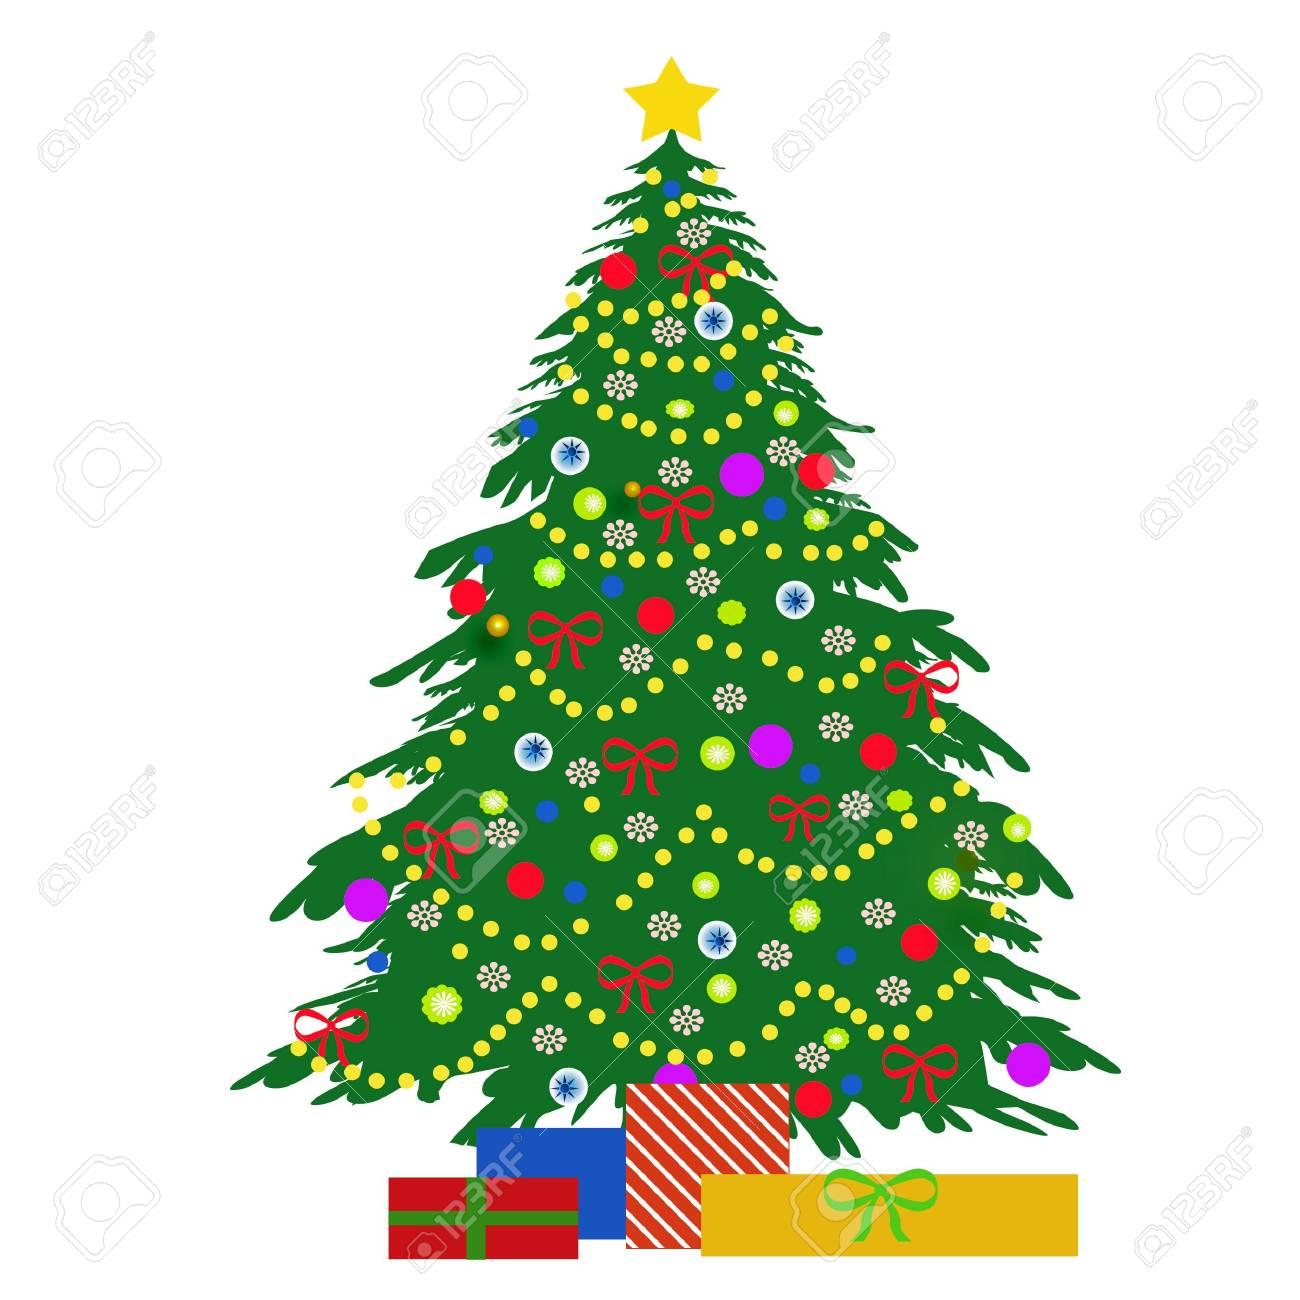 standard bild weihnachtsbaum schmuck und geschenke illustration auf weiss